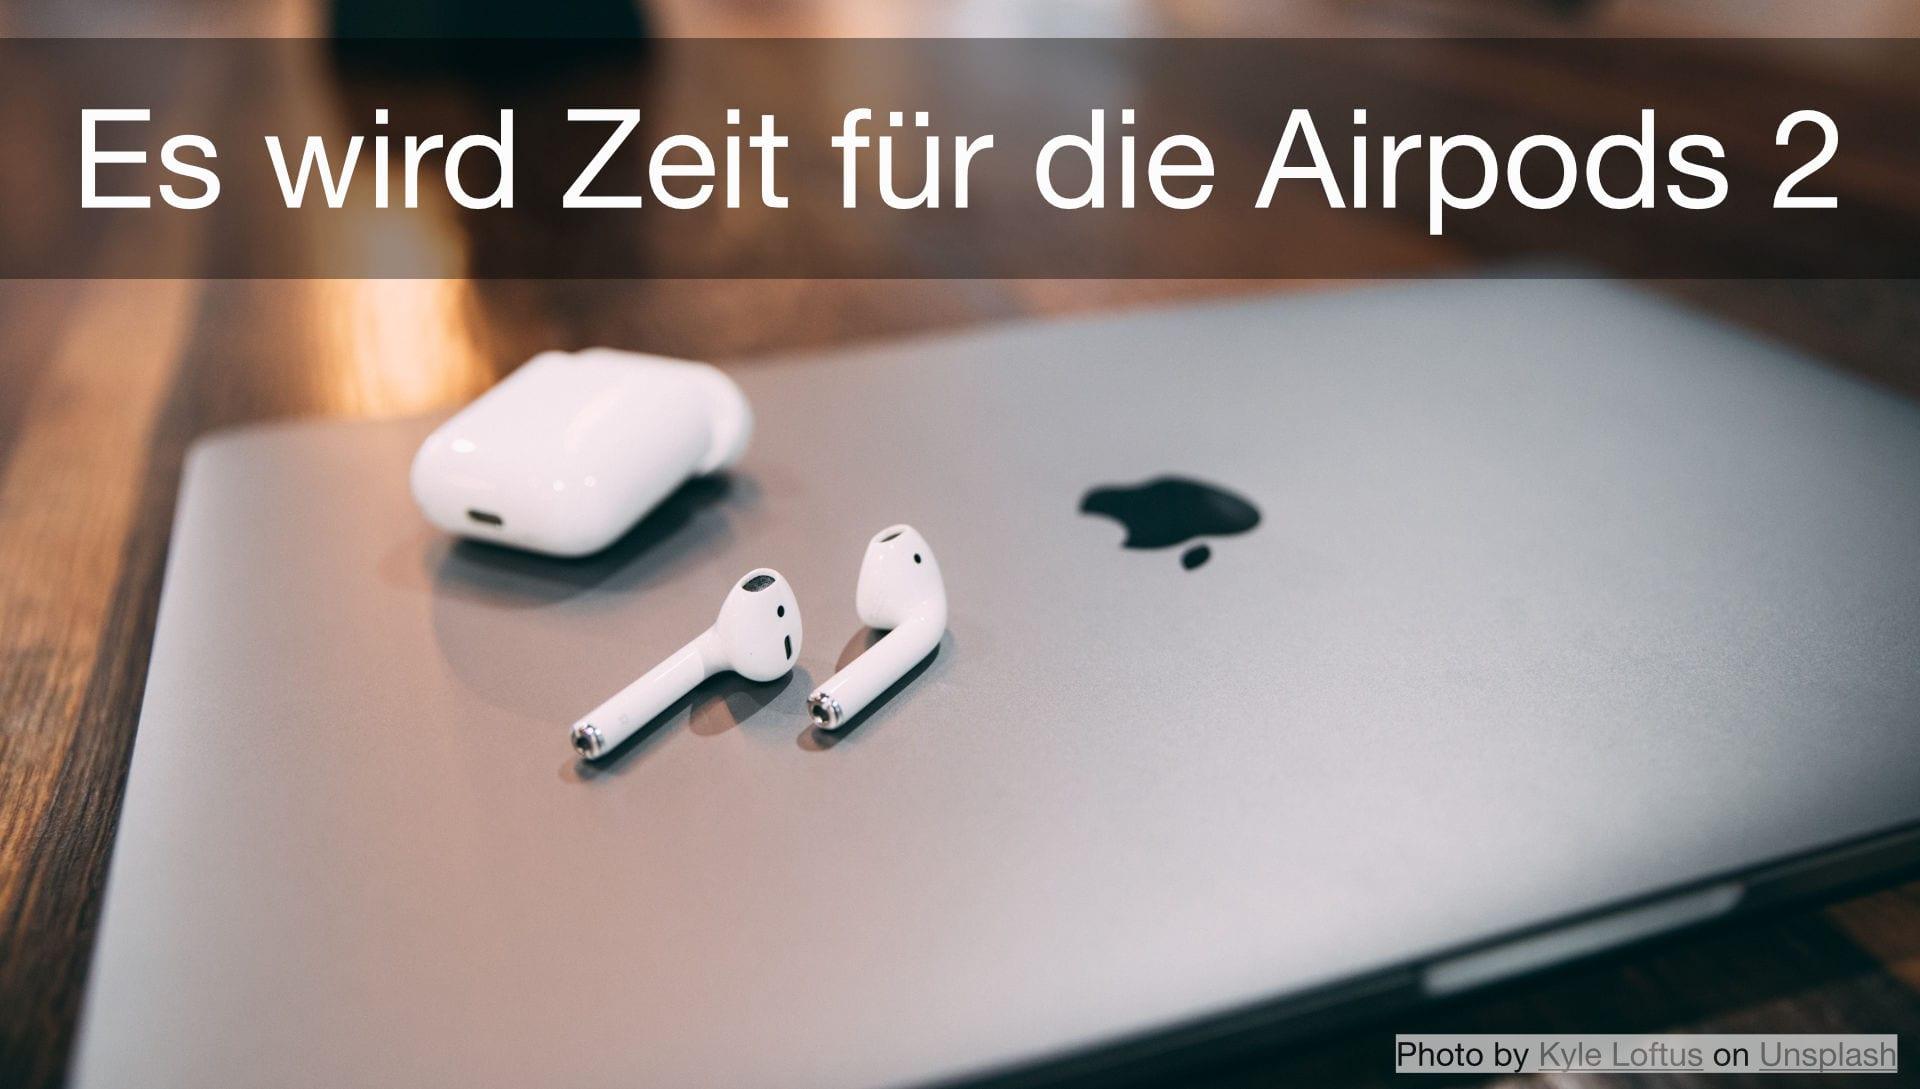 Airpods 2 es wird Zeit